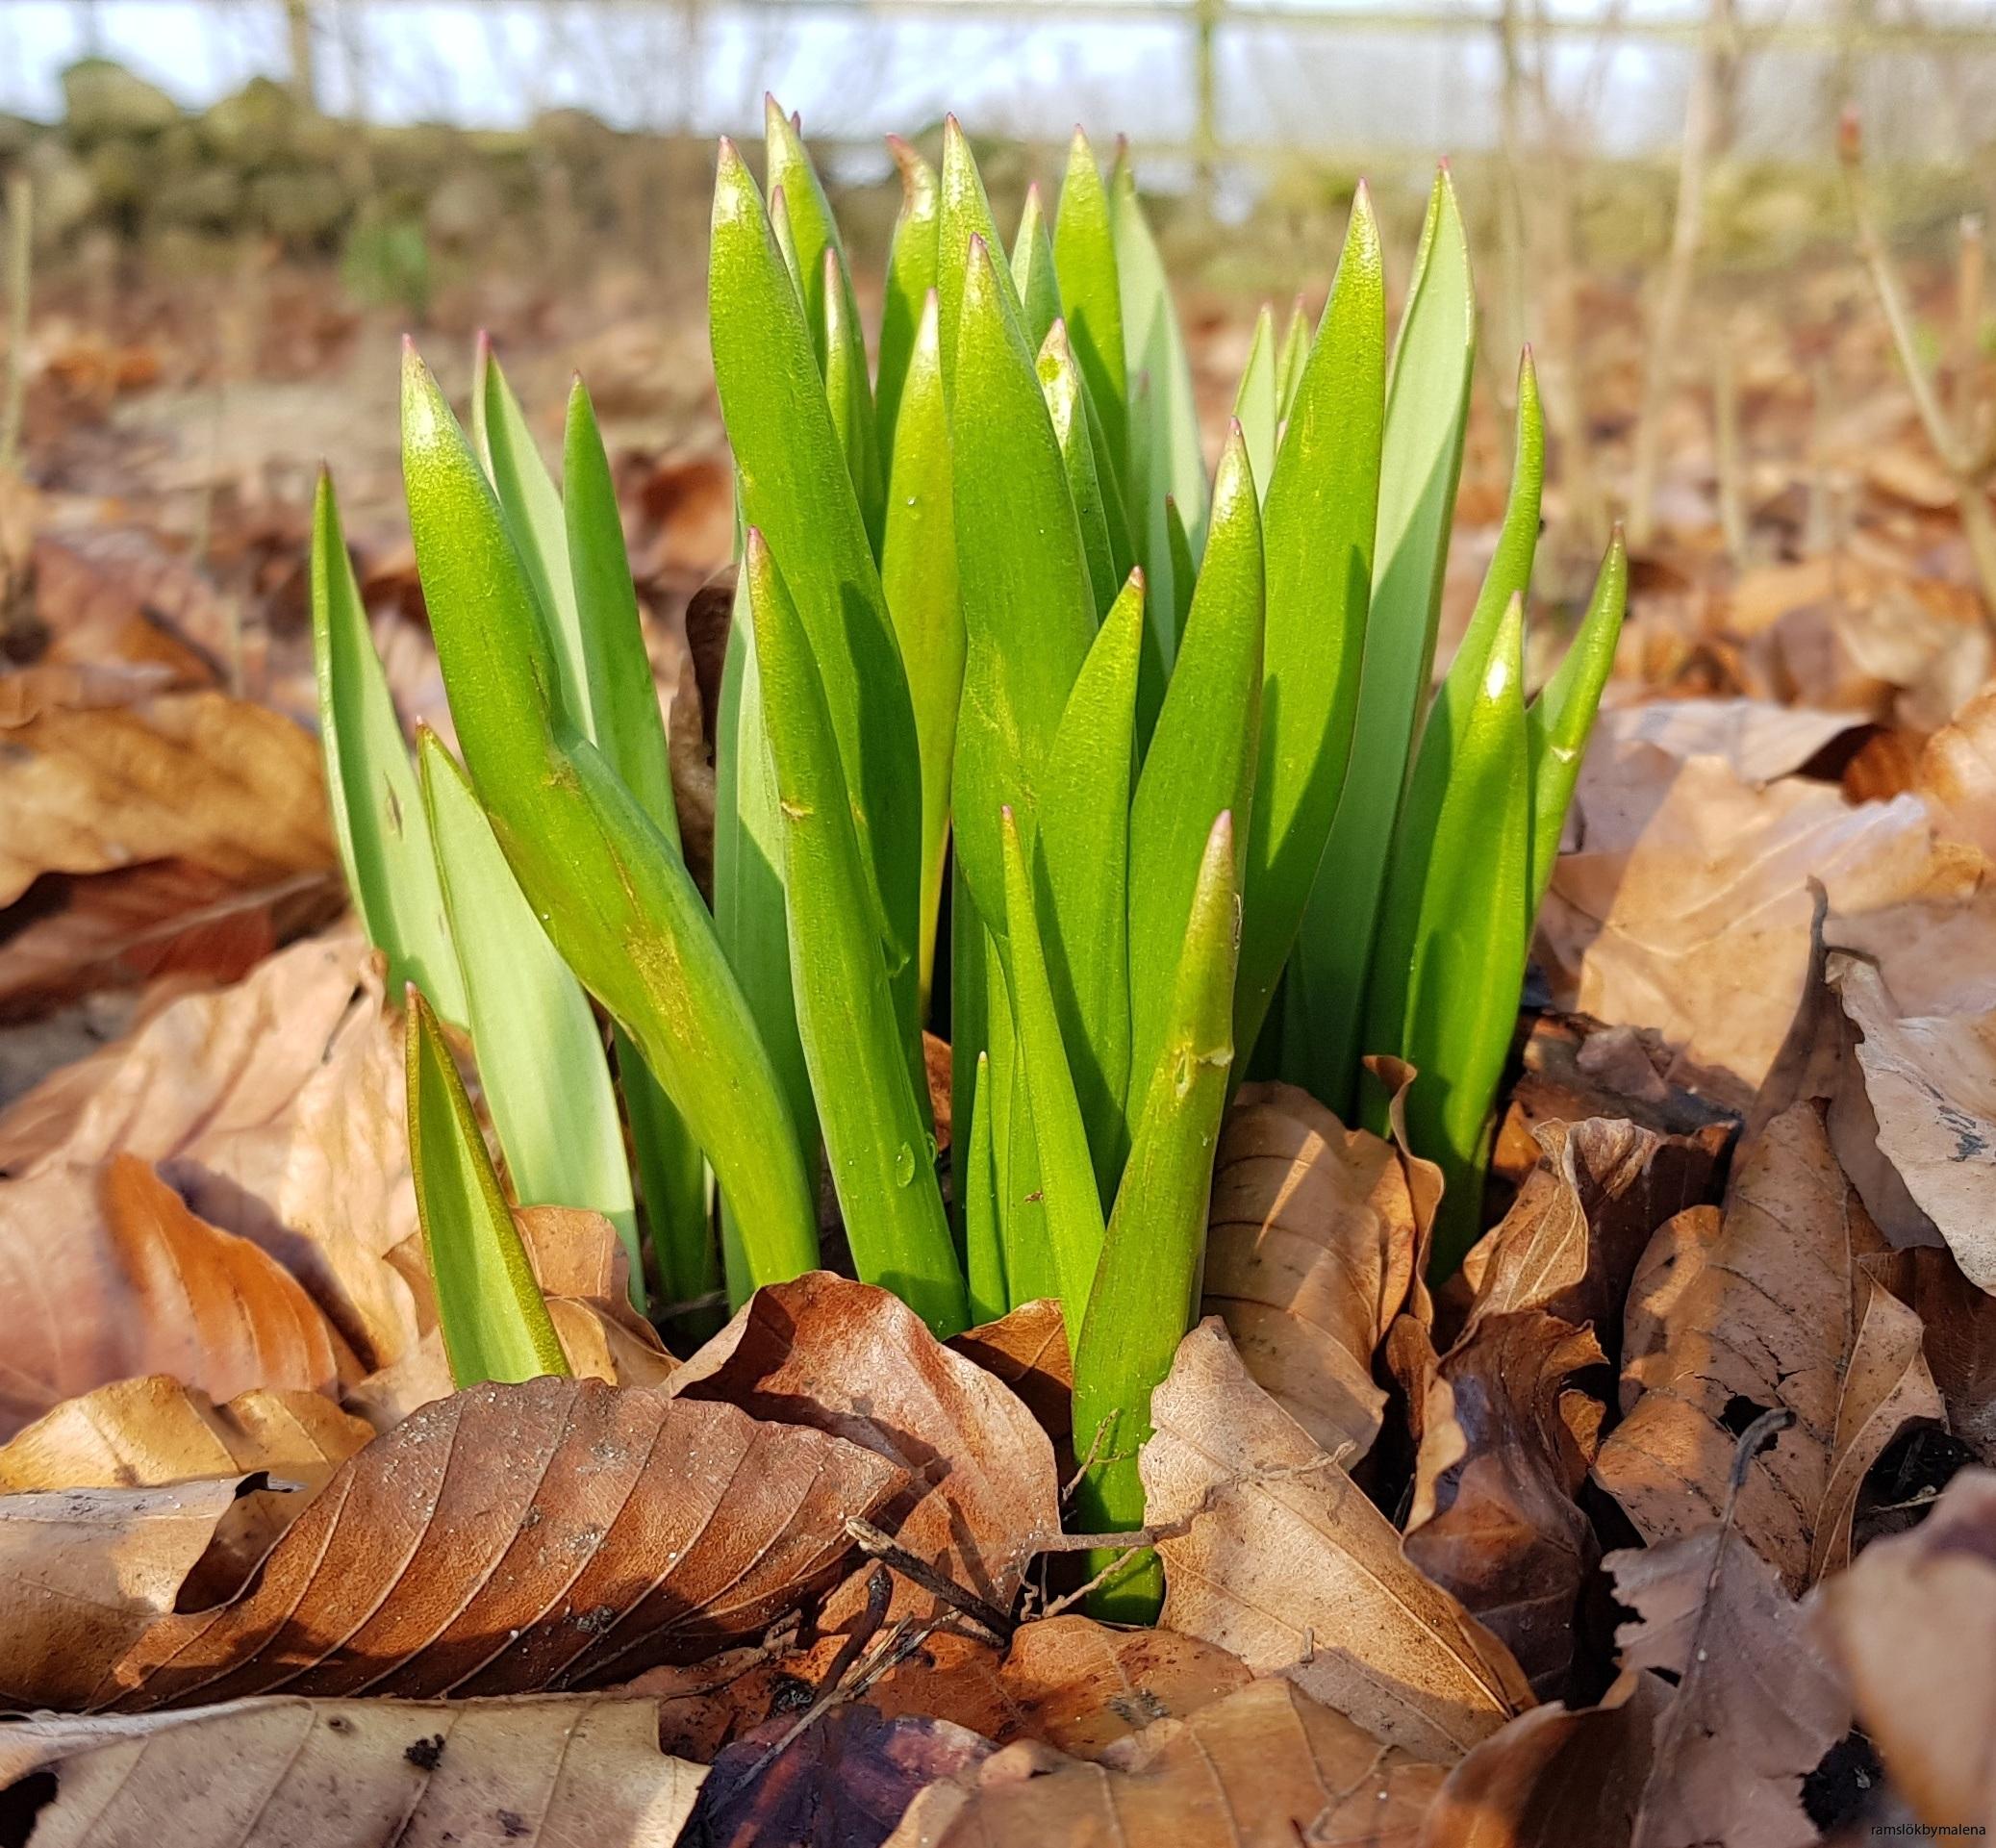 Vildtulpan grönskar tidigt på våren. Dessa lökar planterades i tuva våren 2018.